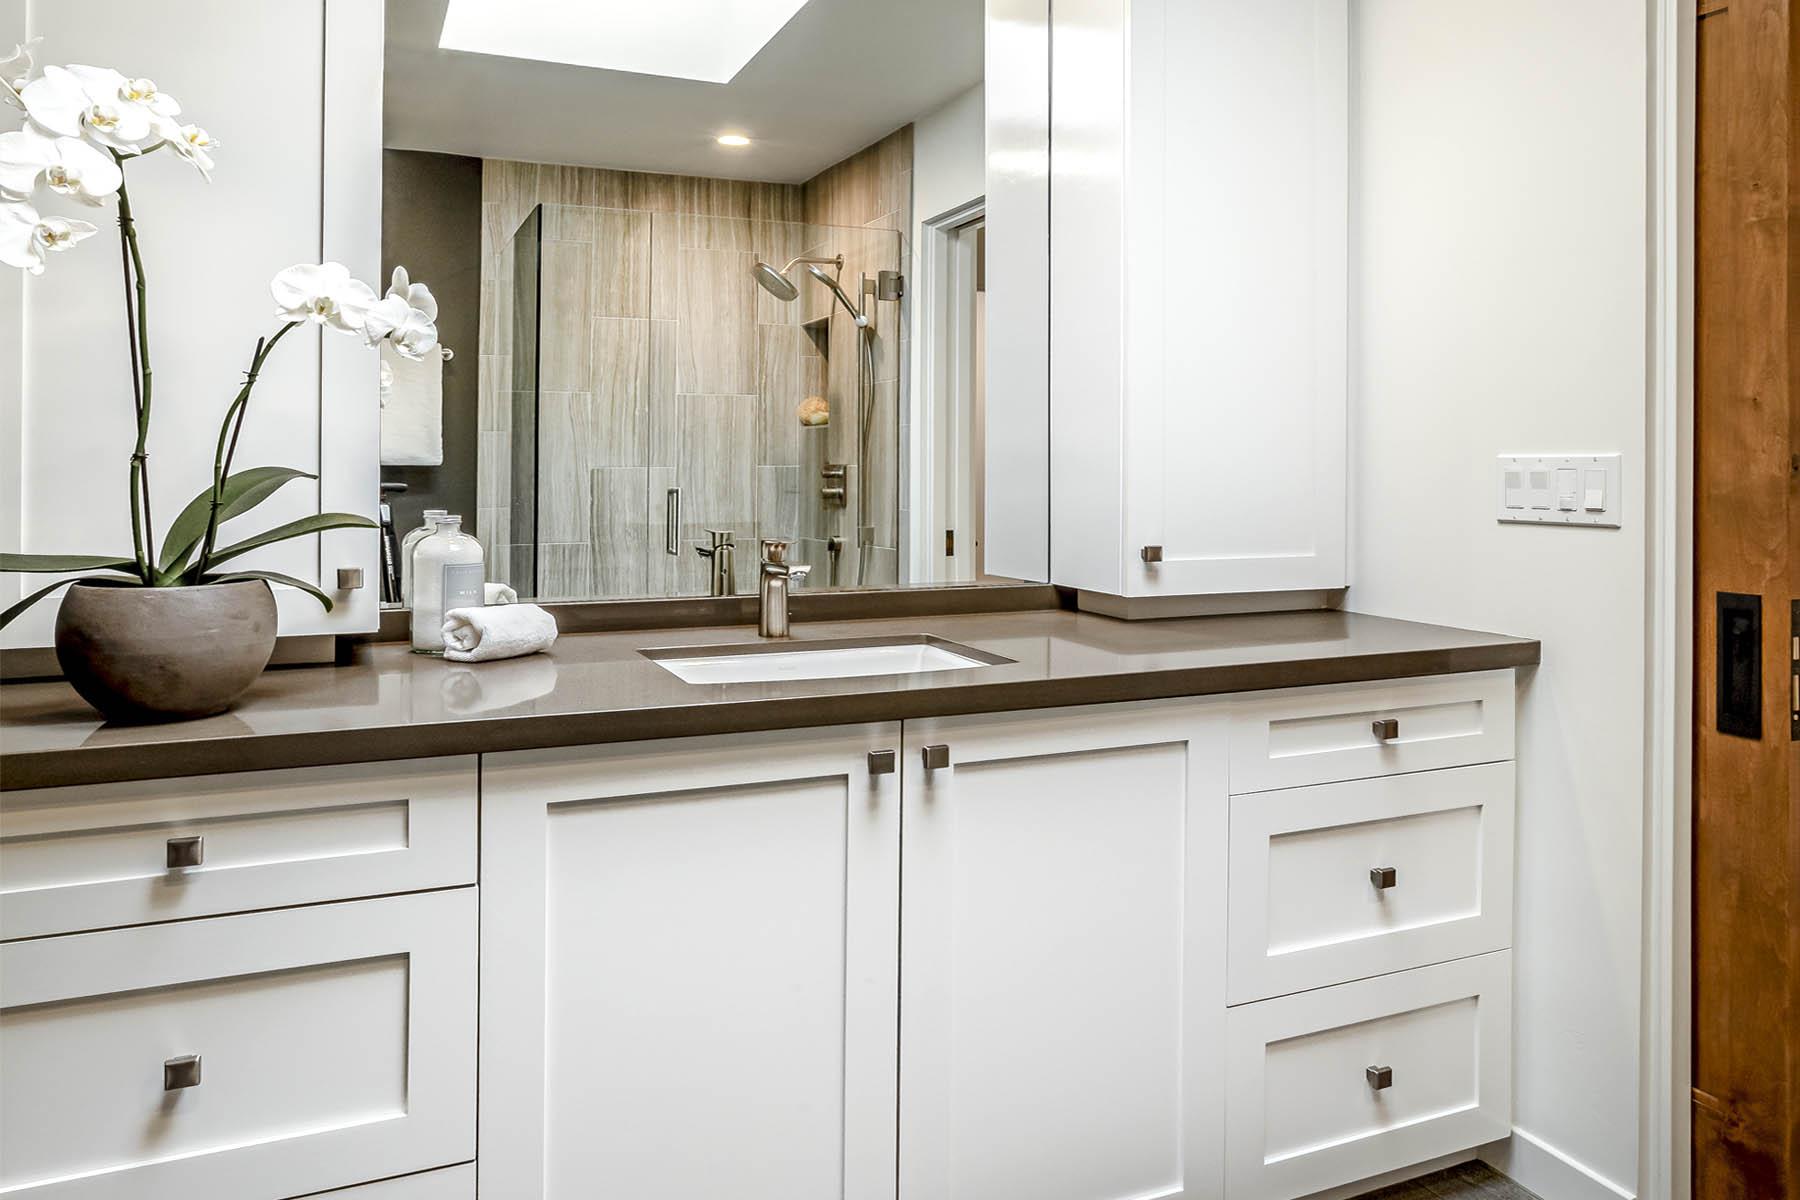 Wyss bathroom